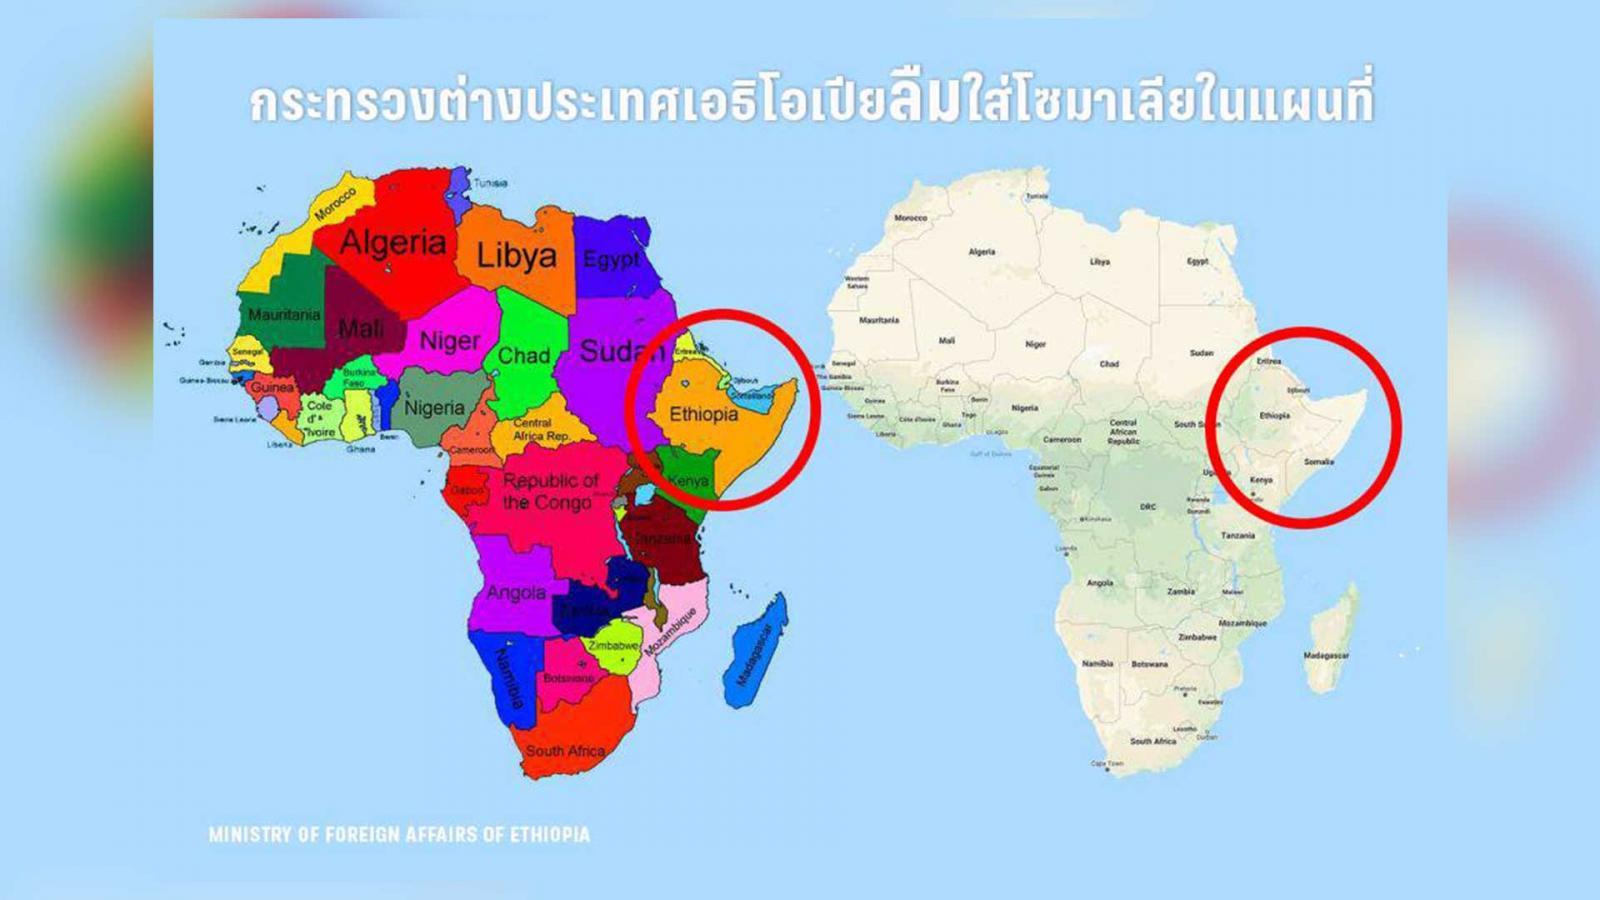 """""""เอธิโอเปีย"""" ขออภัยลืมใส่ """"โซมาเลีย""""ลงในแผนที่ทวีปแอฟริกา"""